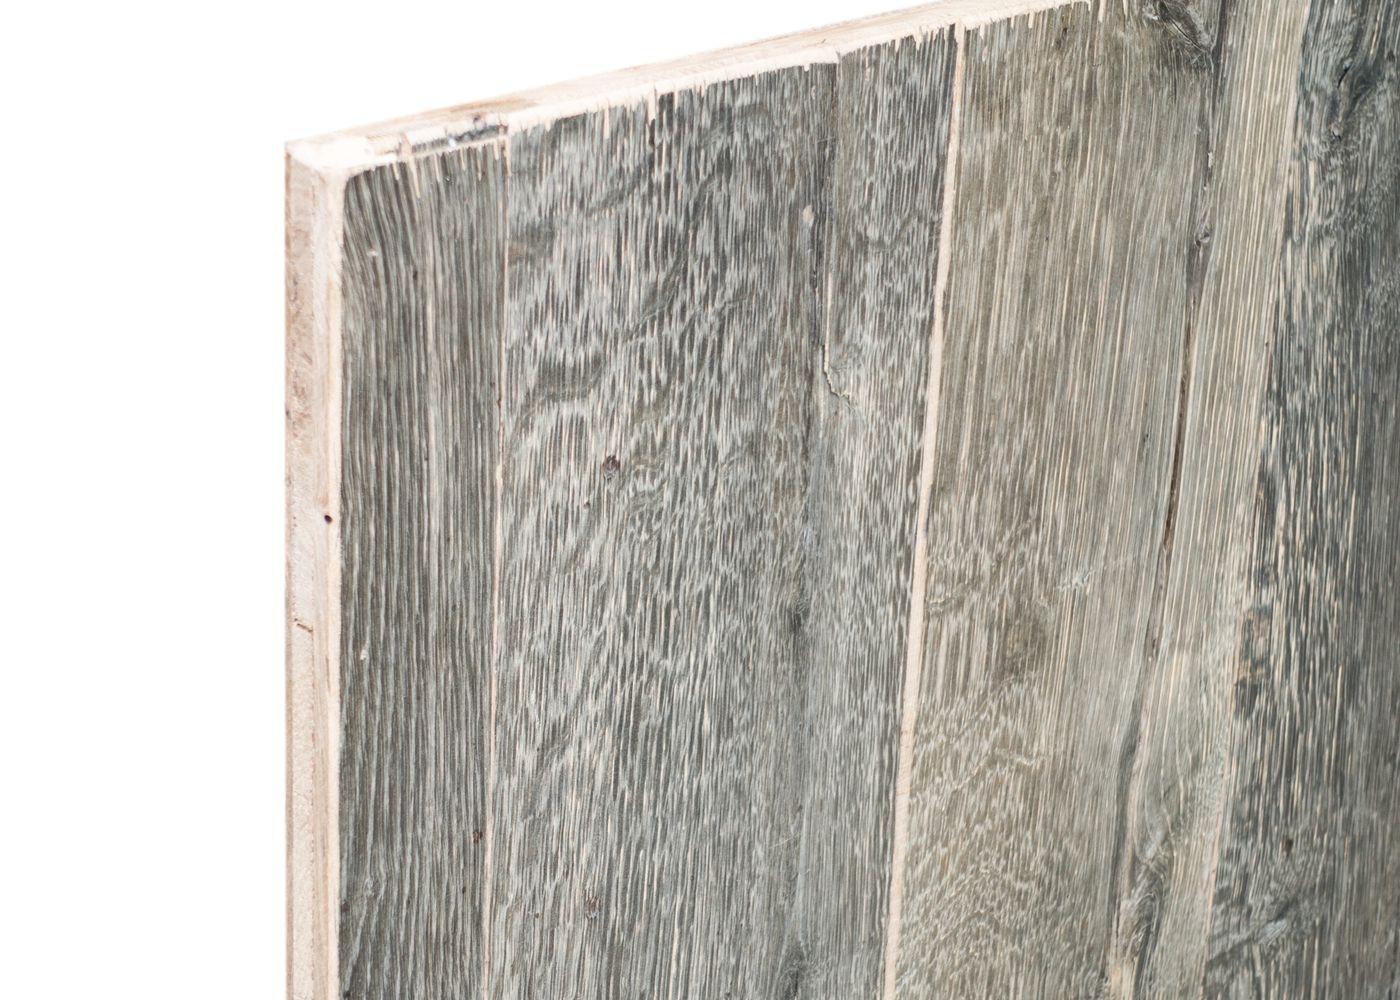 panneau 3 plis bois us campagne vieilli gris brut 2 faces plaquees fsc la parqueterie nouvelle. Black Bedroom Furniture Sets. Home Design Ideas